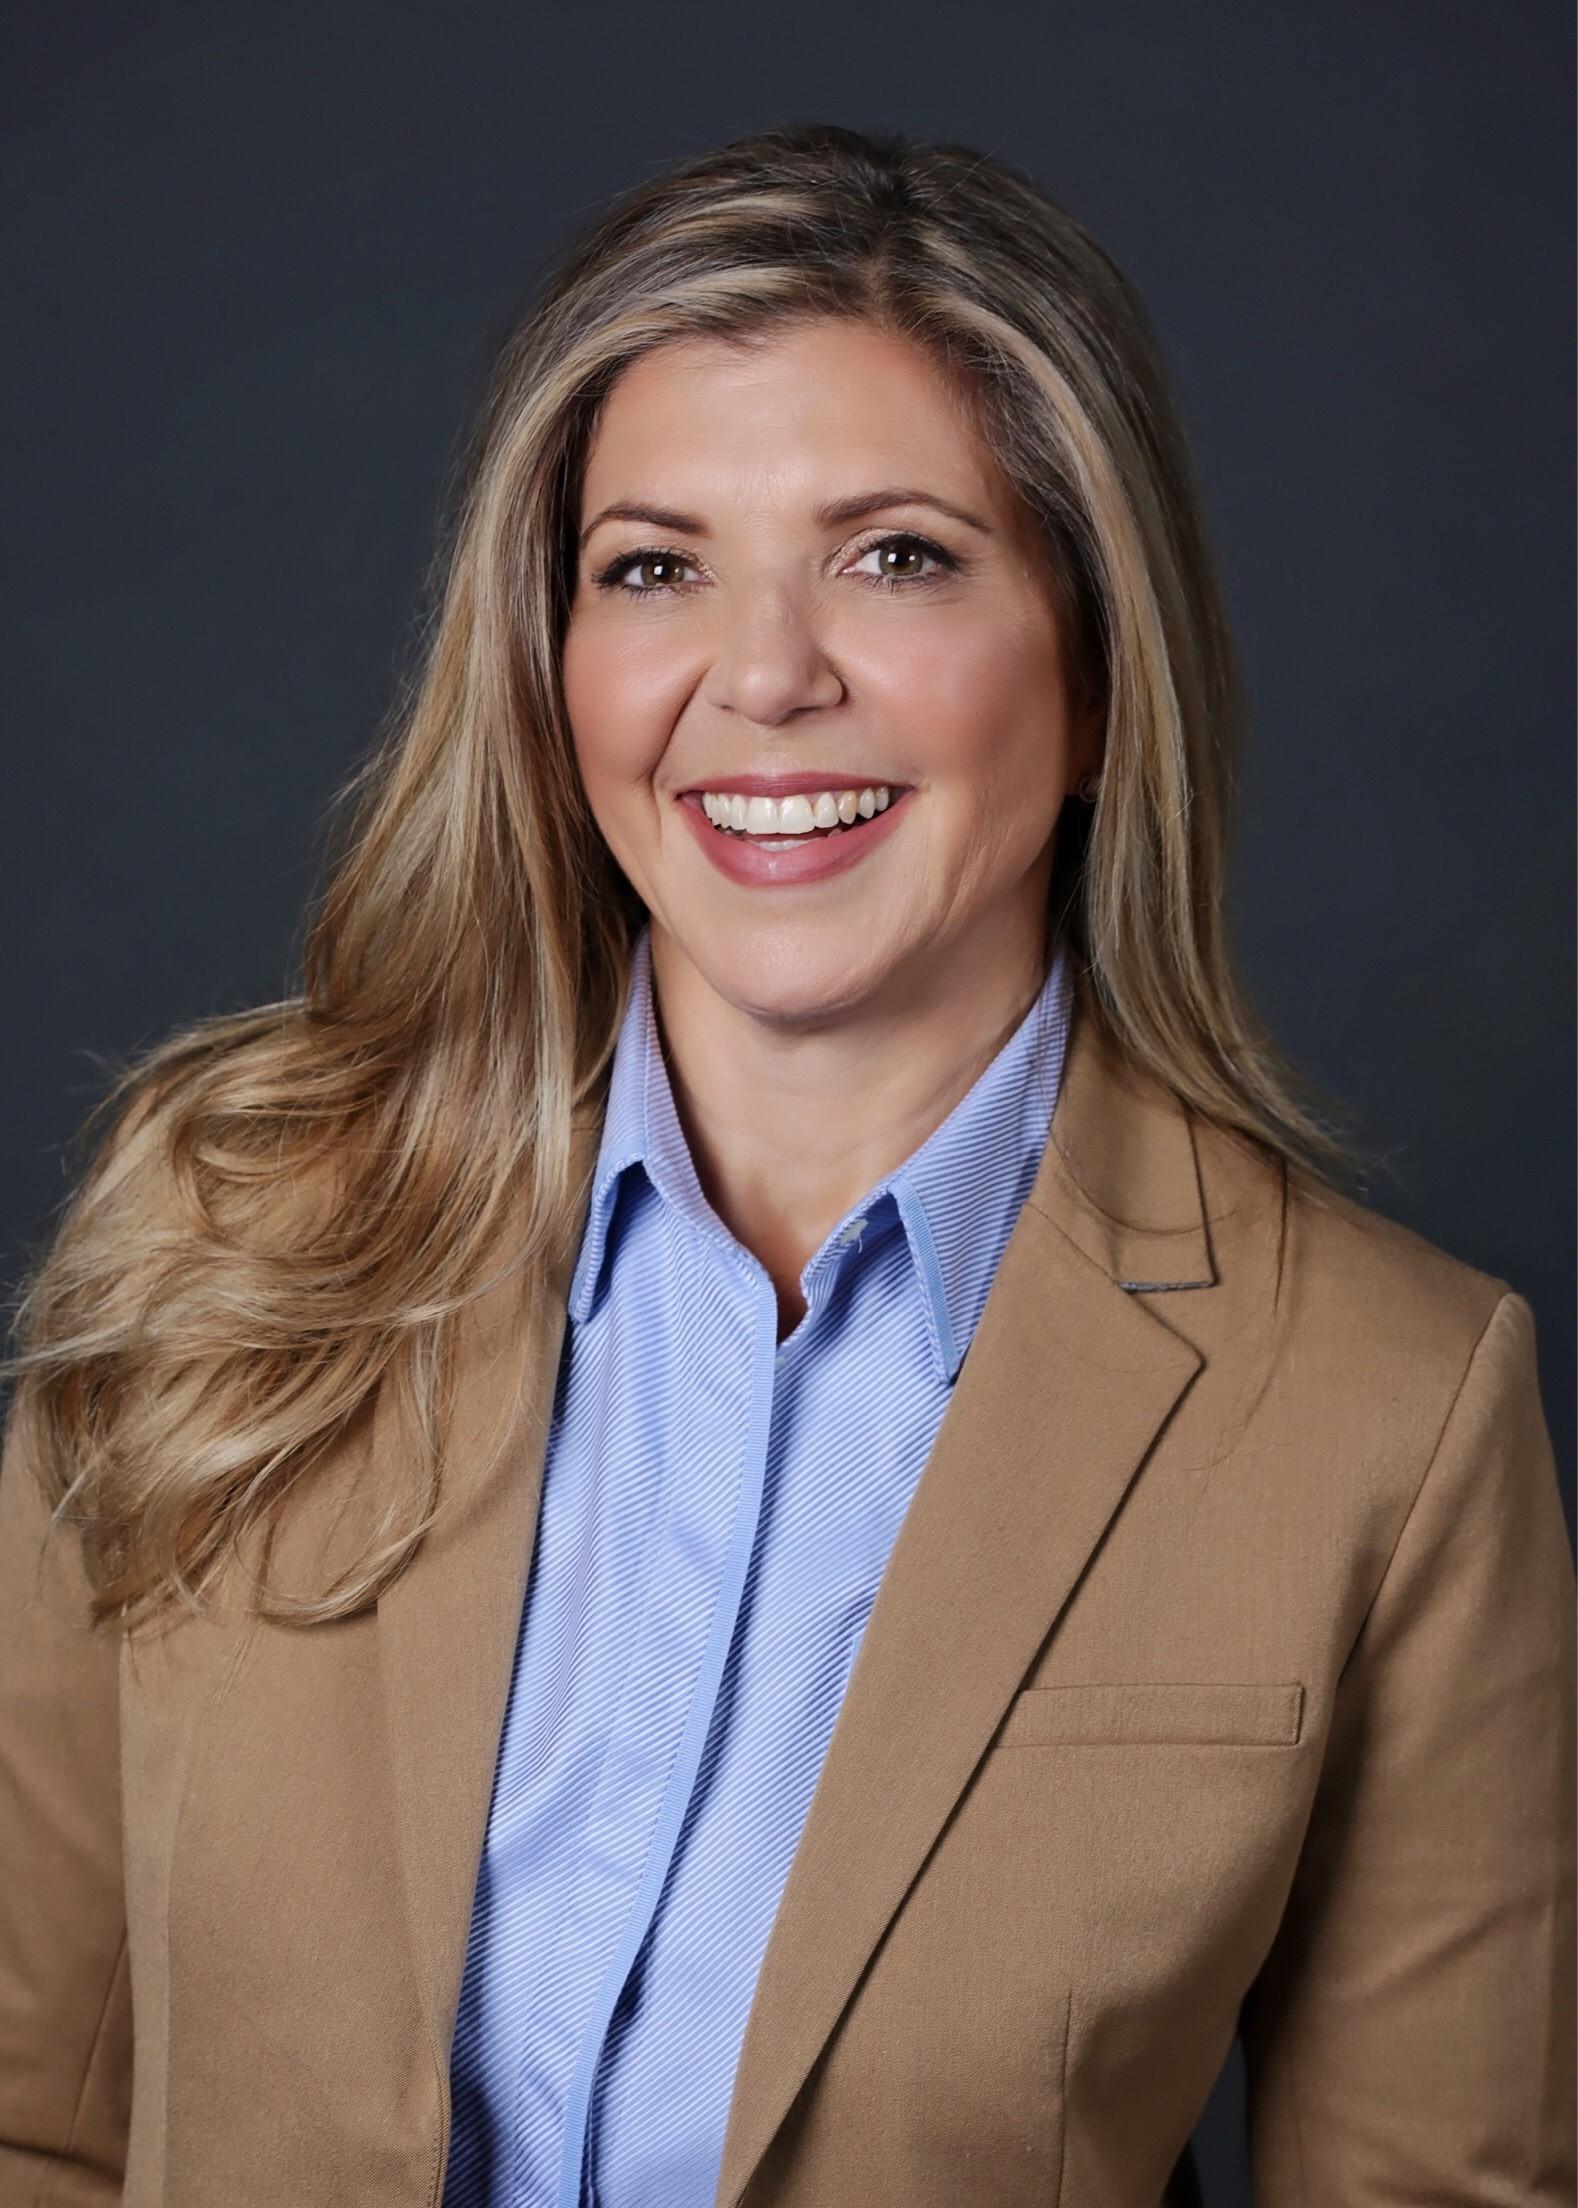 Teresa Marando